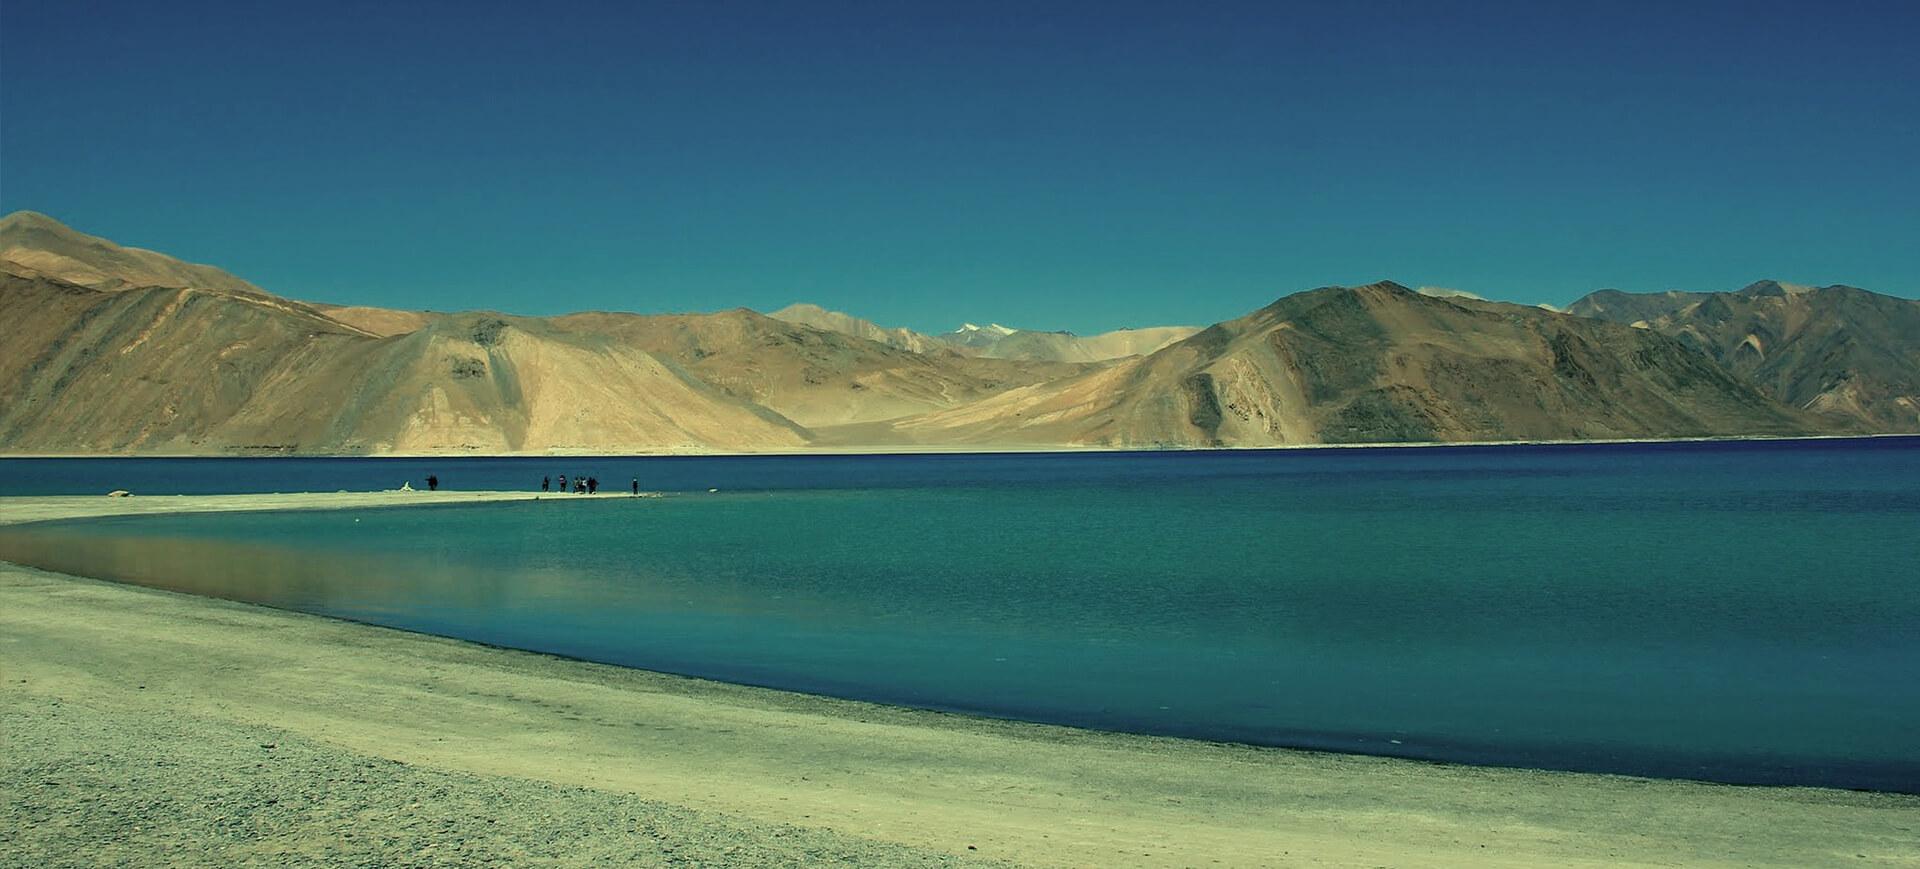 Rumtse to Tsomiriri Lake, Ladakh